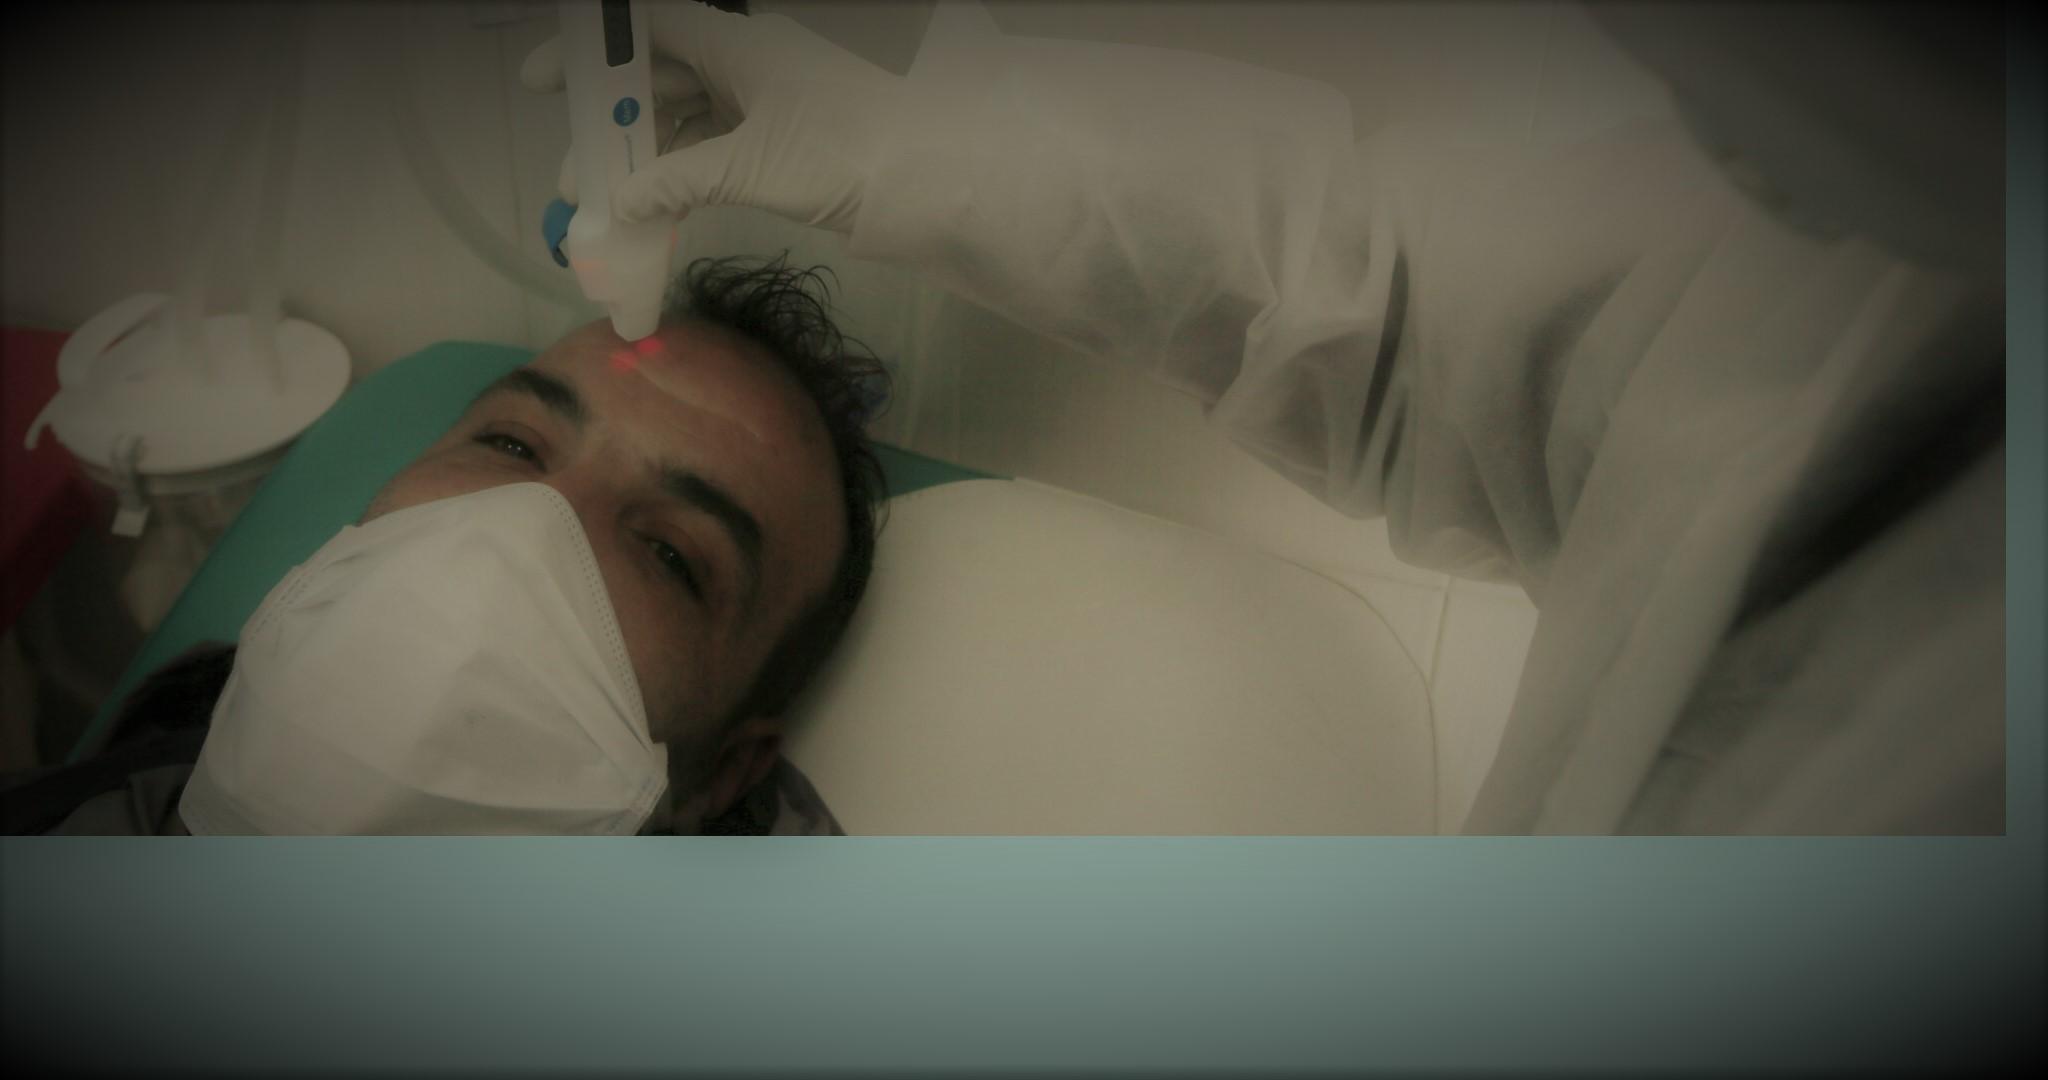 Κοροναϊος : Οι Ιδιωτικές Κλινικές έχουν υποστεί τεράστια ζημιά